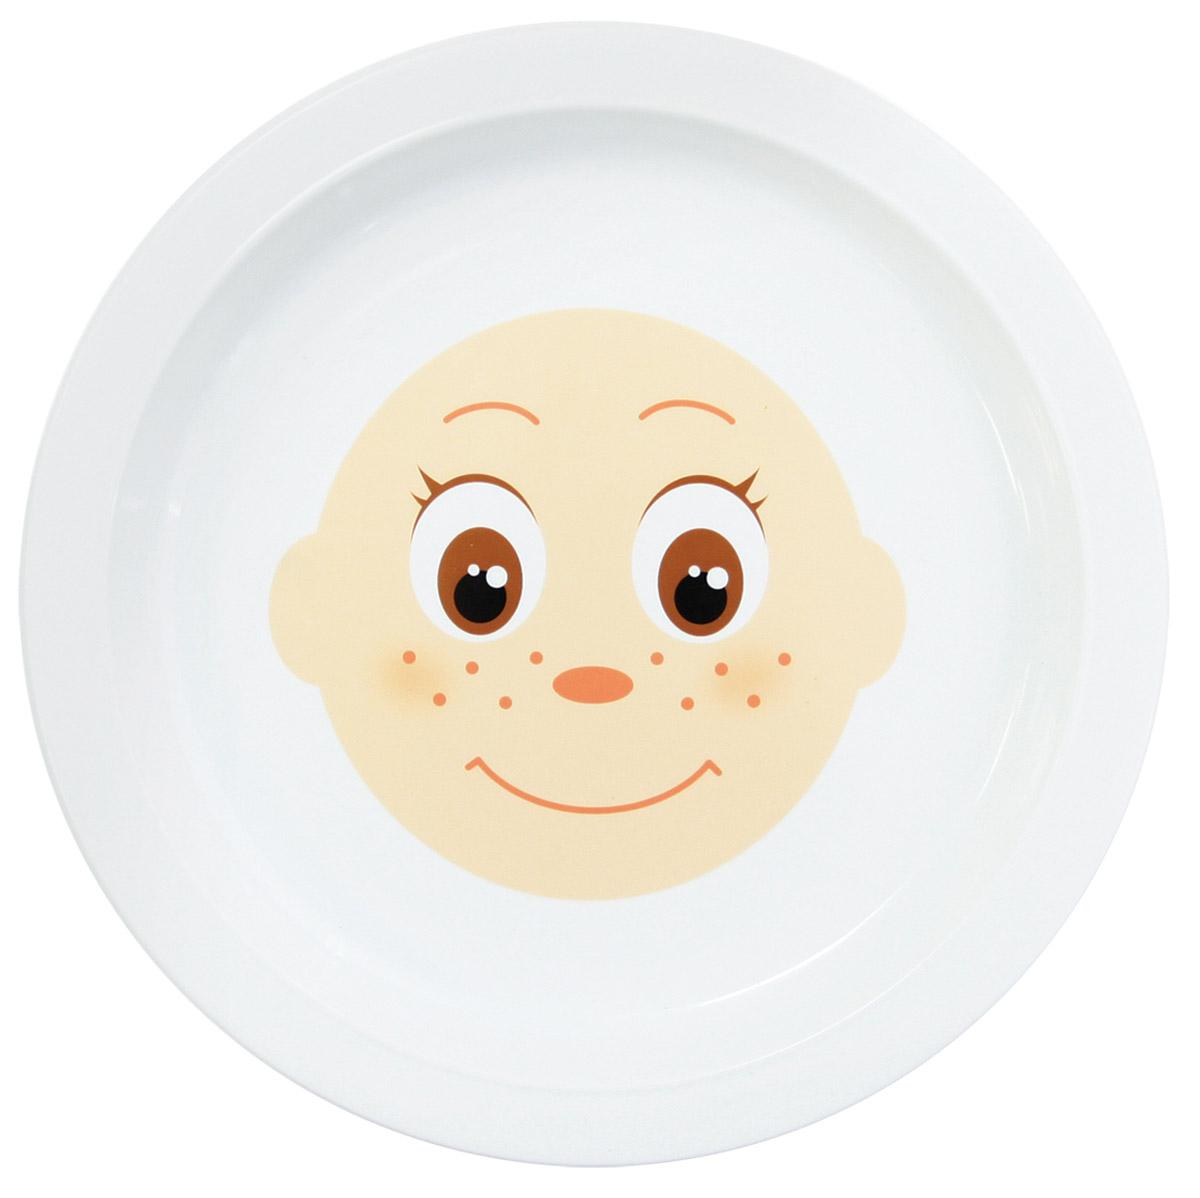 Lubby Тарелка детская ФантазерКА14125Тарелка детская Lubby ФантазерКА создана специально для творческих натур. Это помощник родителям, которые создают для своего ребенка сказку даже во время приема пищи. Идея тарелки ФантазерКА в том, что вы можете совместно со своим ребенком создавать образы веселых человечков с помощью завтраков, обедов и ужинов! Все очень просто: выкладывайте продукты прямо на тарелку. Включайте свою фантазию! Тарелку запрещено мыть в посудомоечной машине. На тарелке запрещено резать продукты.